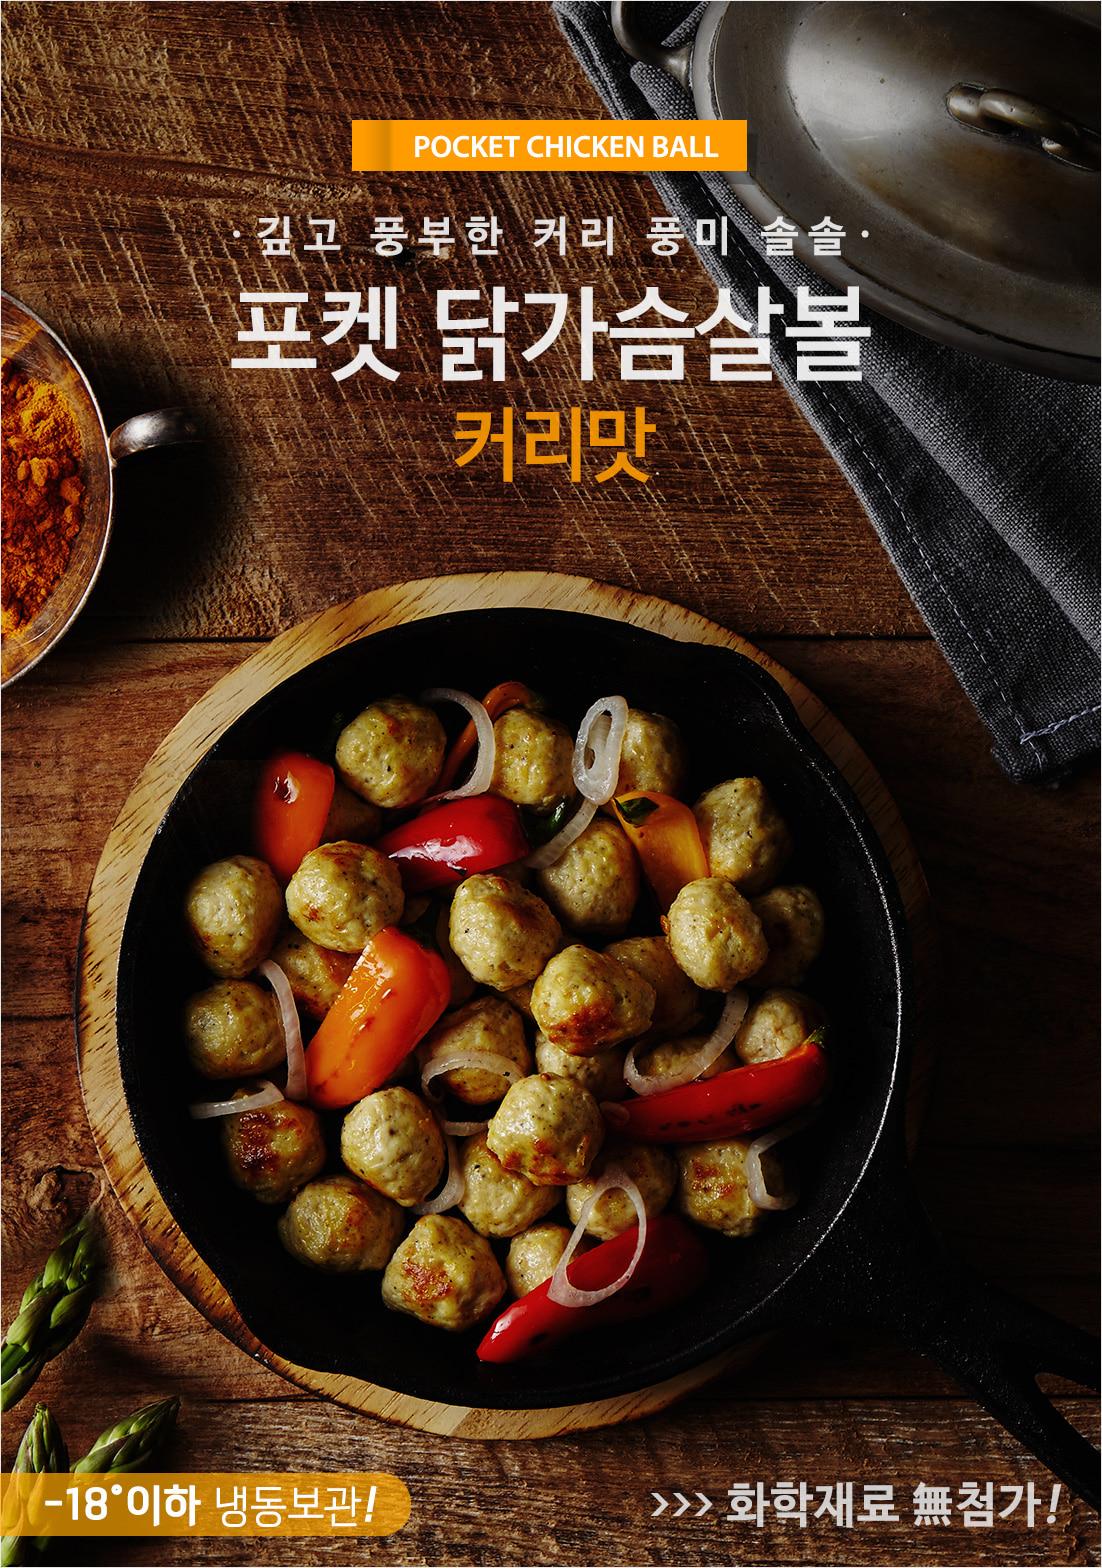 닭가슴살볼_커리맛_main